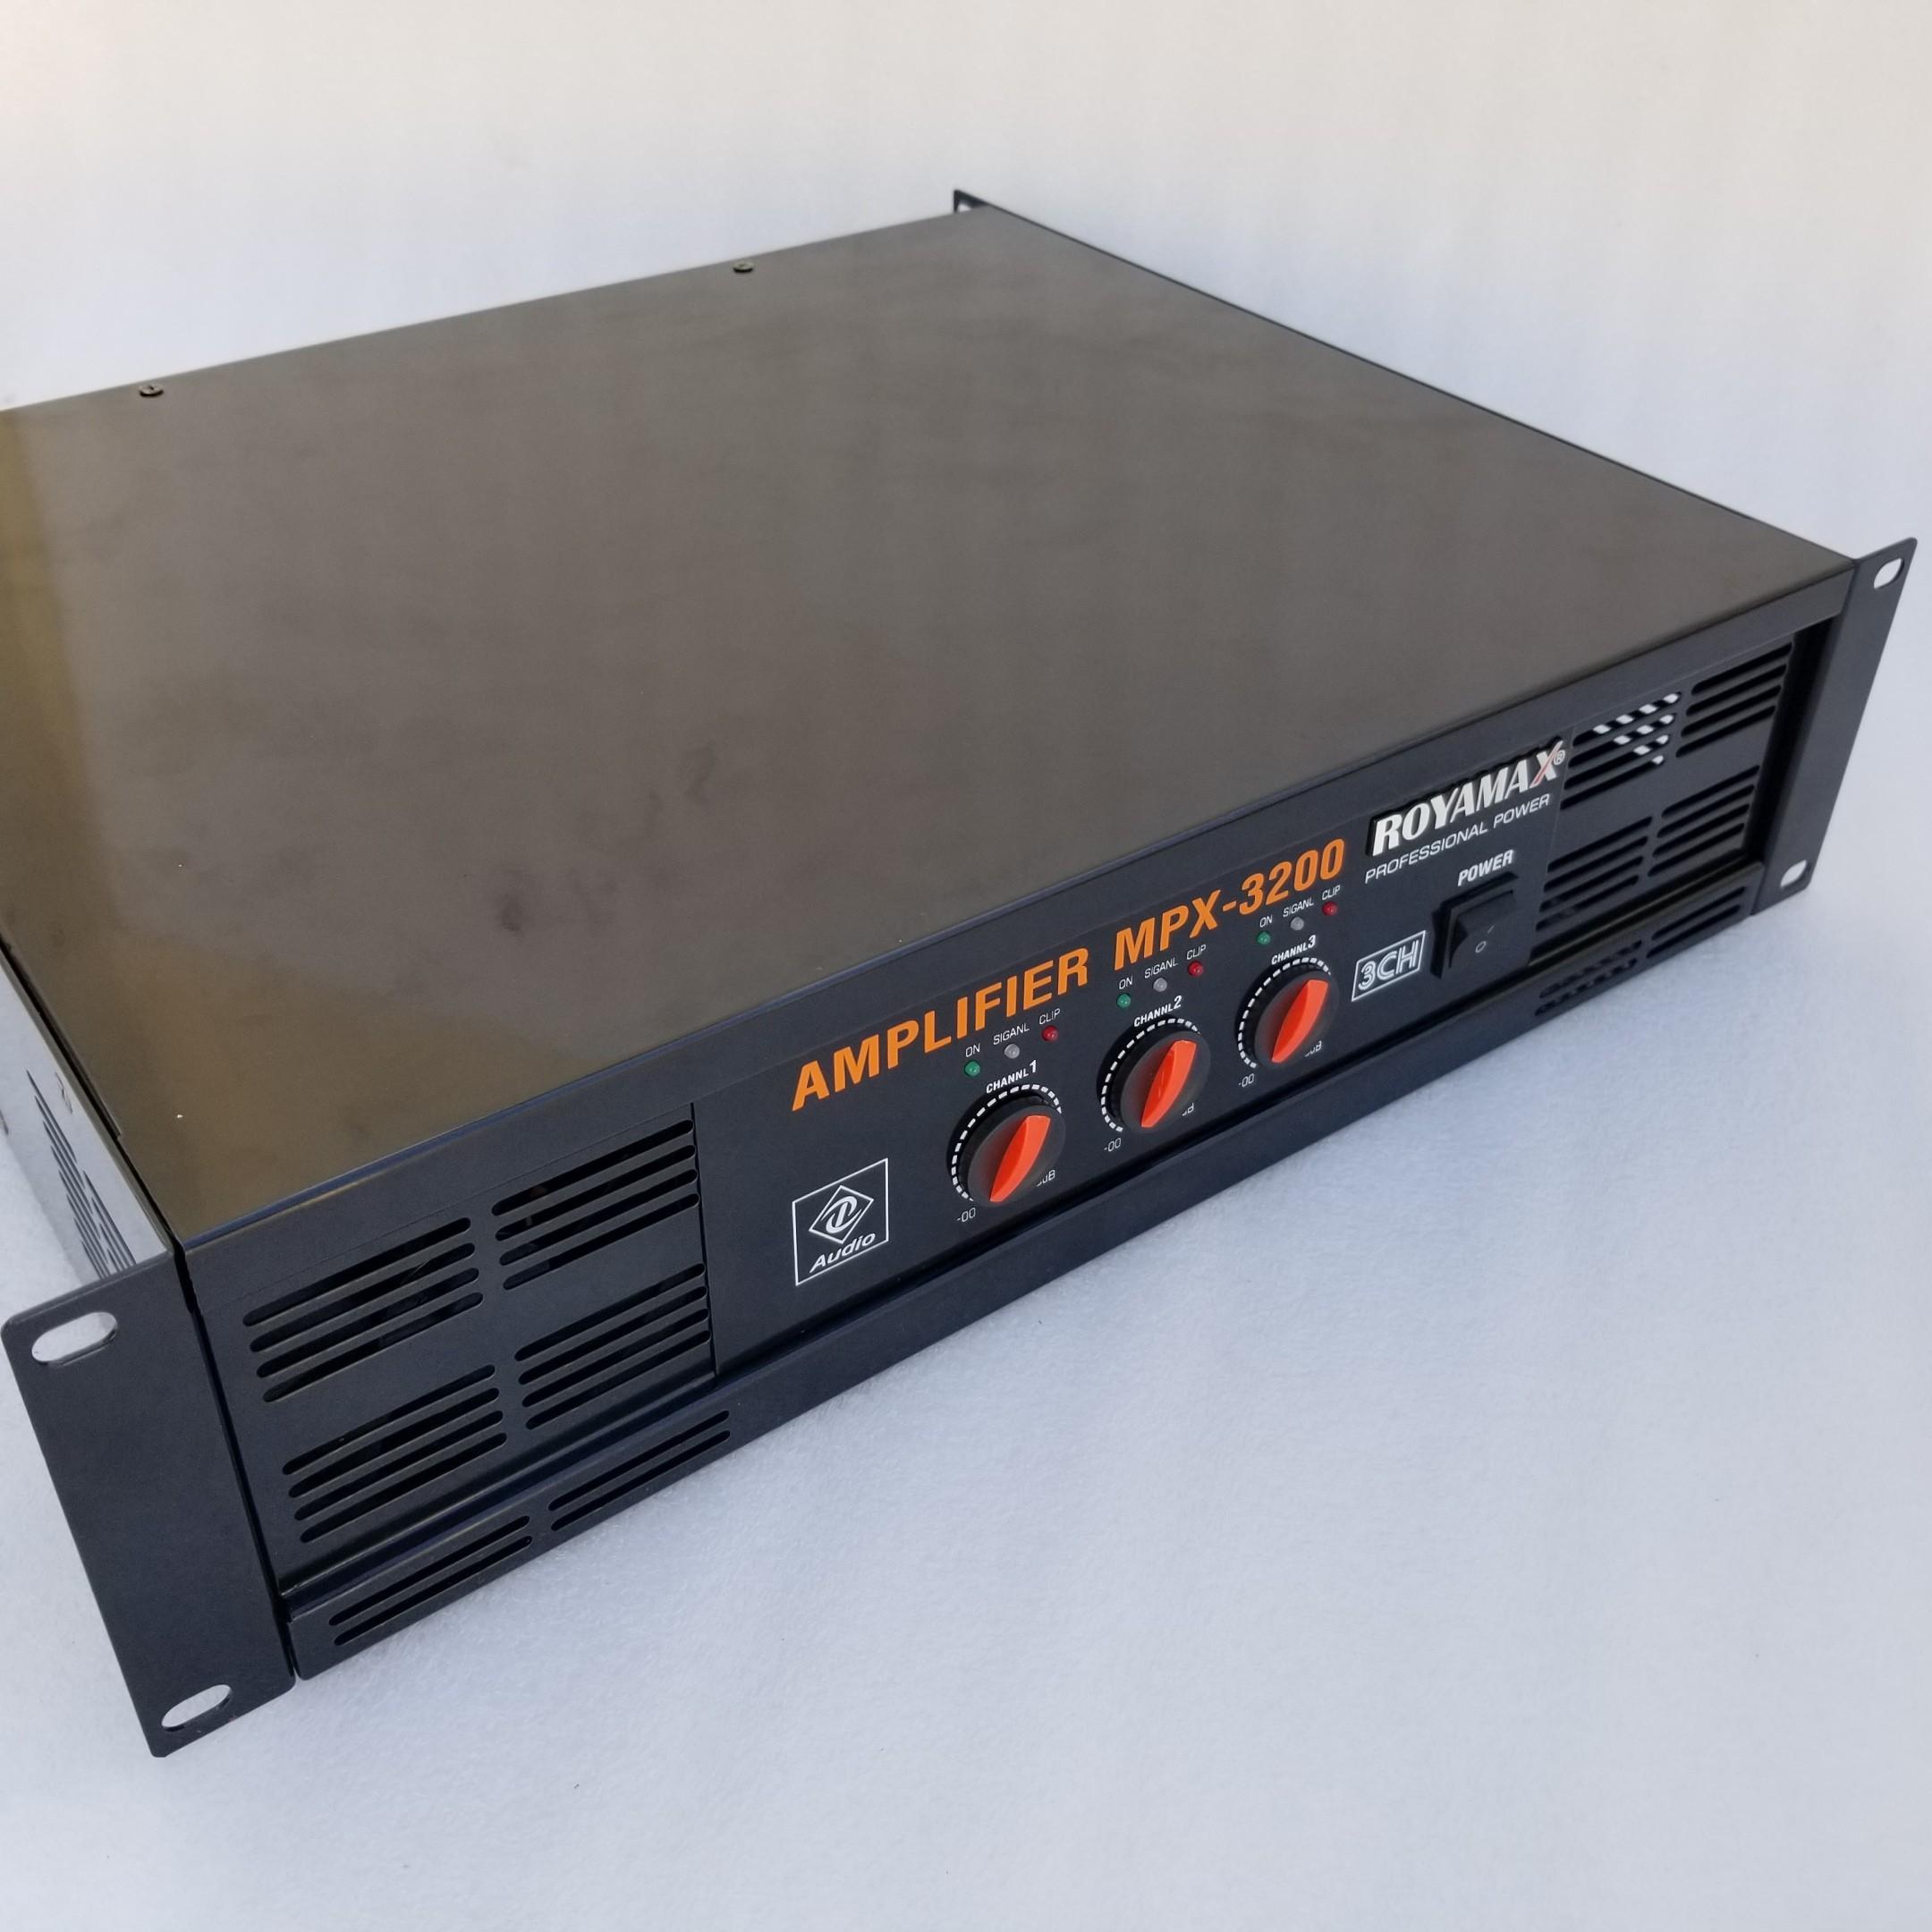 Chi tiết sản phẩm cục đẩy 3 kênh Royamax MPX 3200 từ bên trái